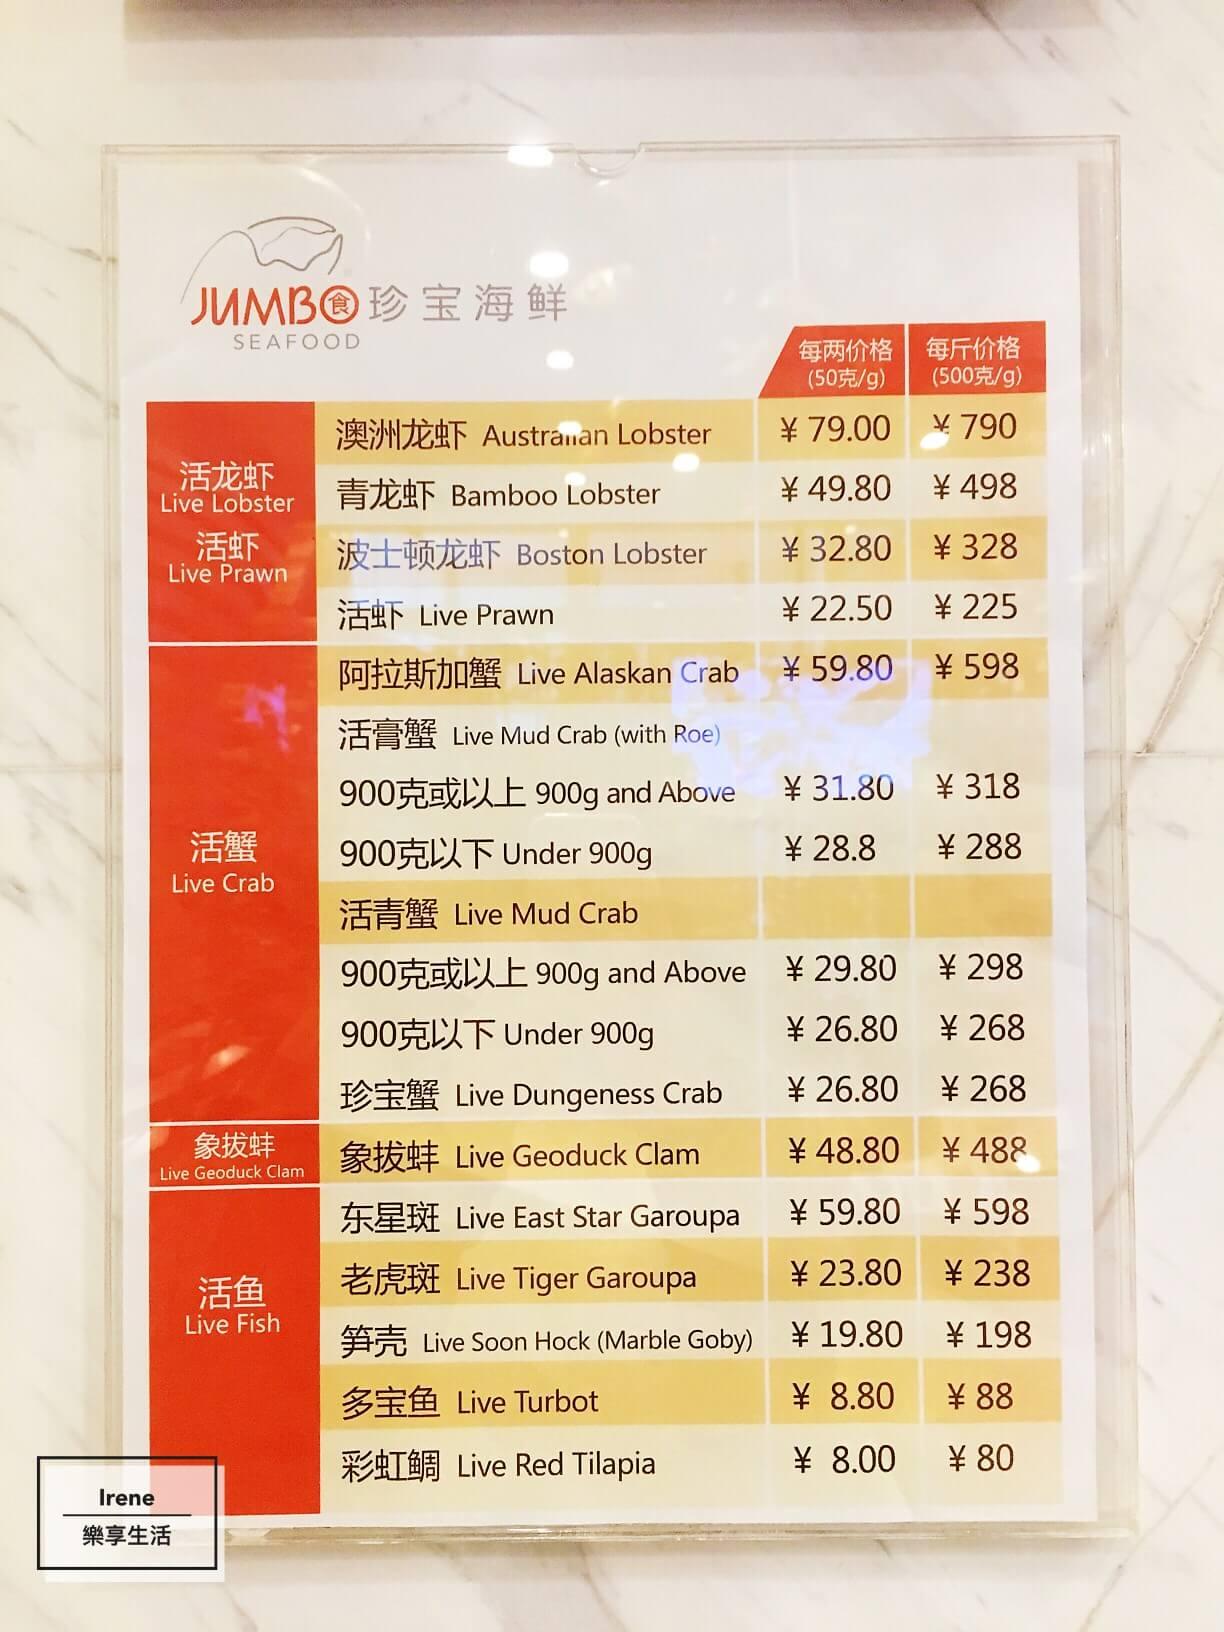 上海美食推薦-新加坡珍寶海鮮Jumbo Seafood海鮮時價